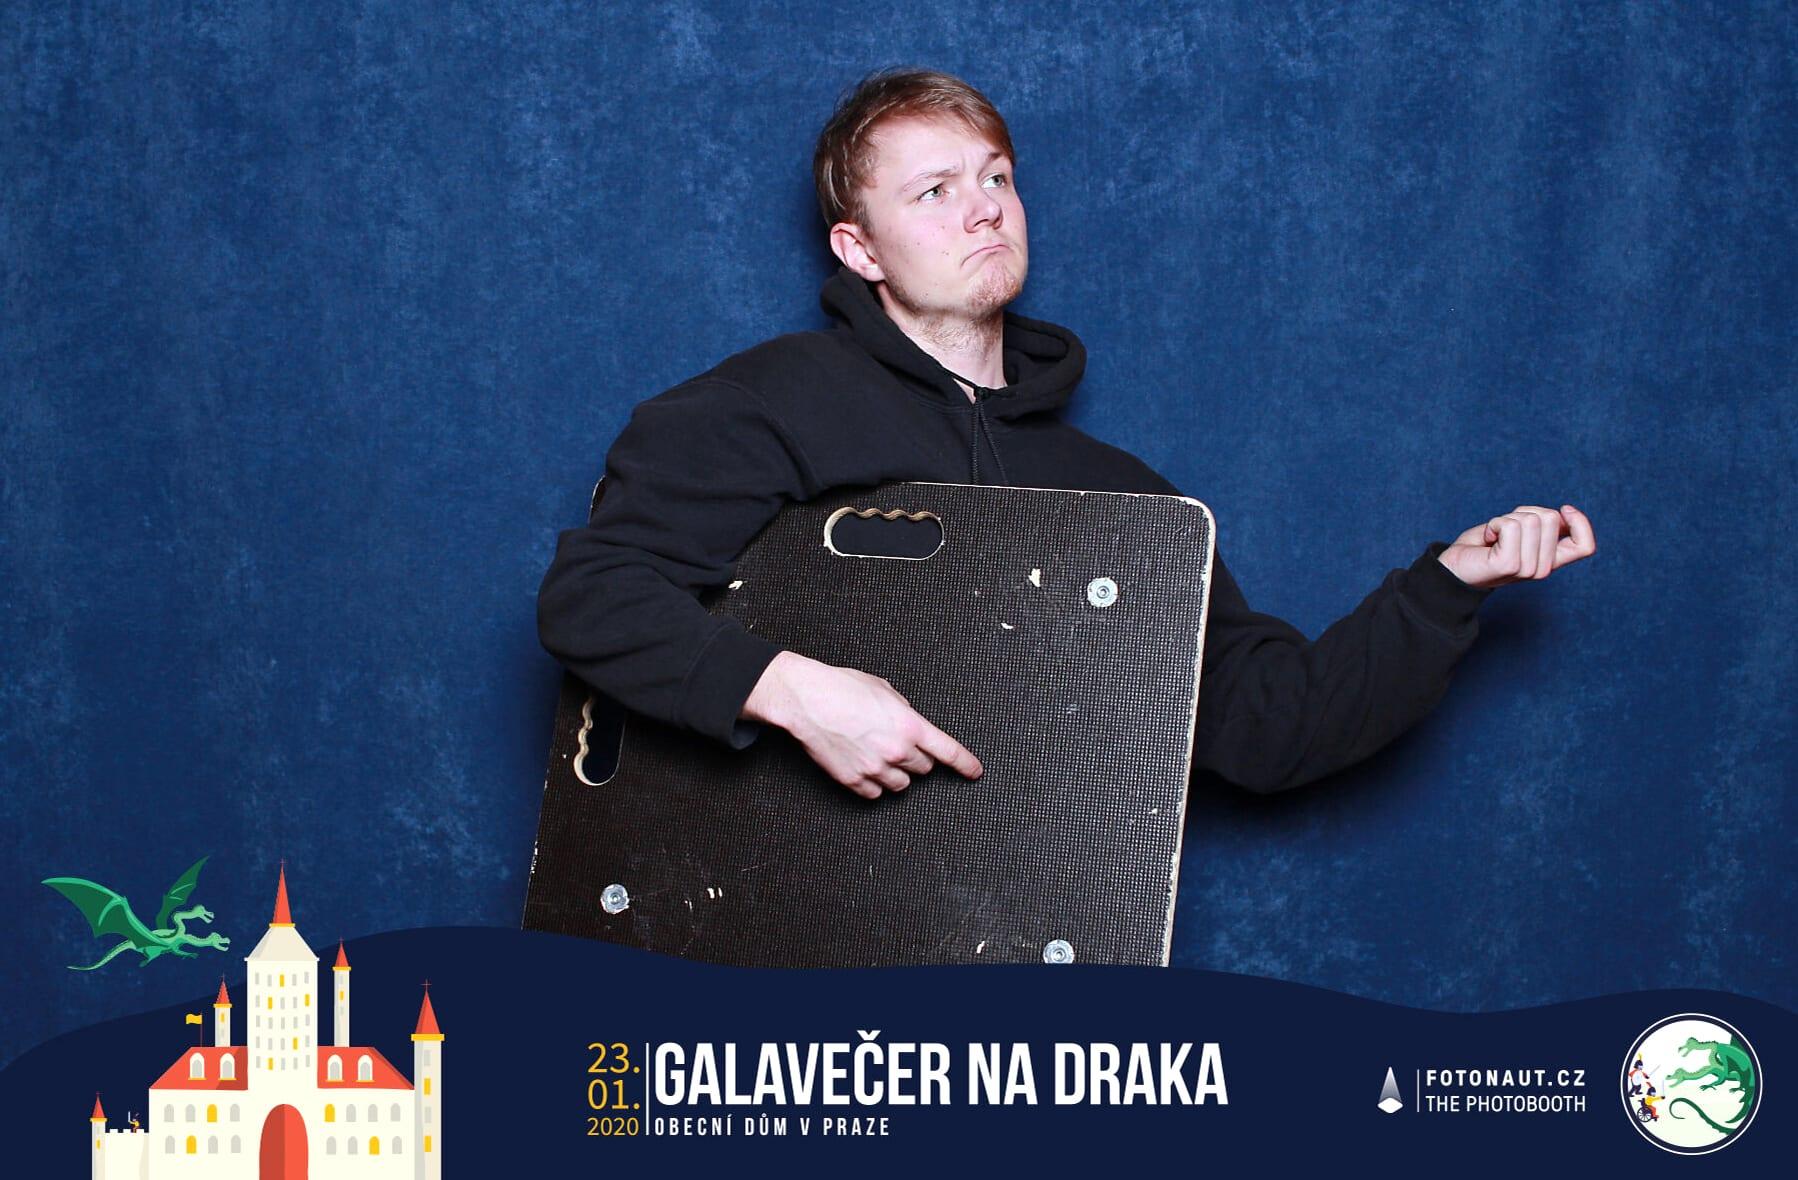 fotokoutek-galavecer-praha-galavecer-na-draka-23-1-2020-713133